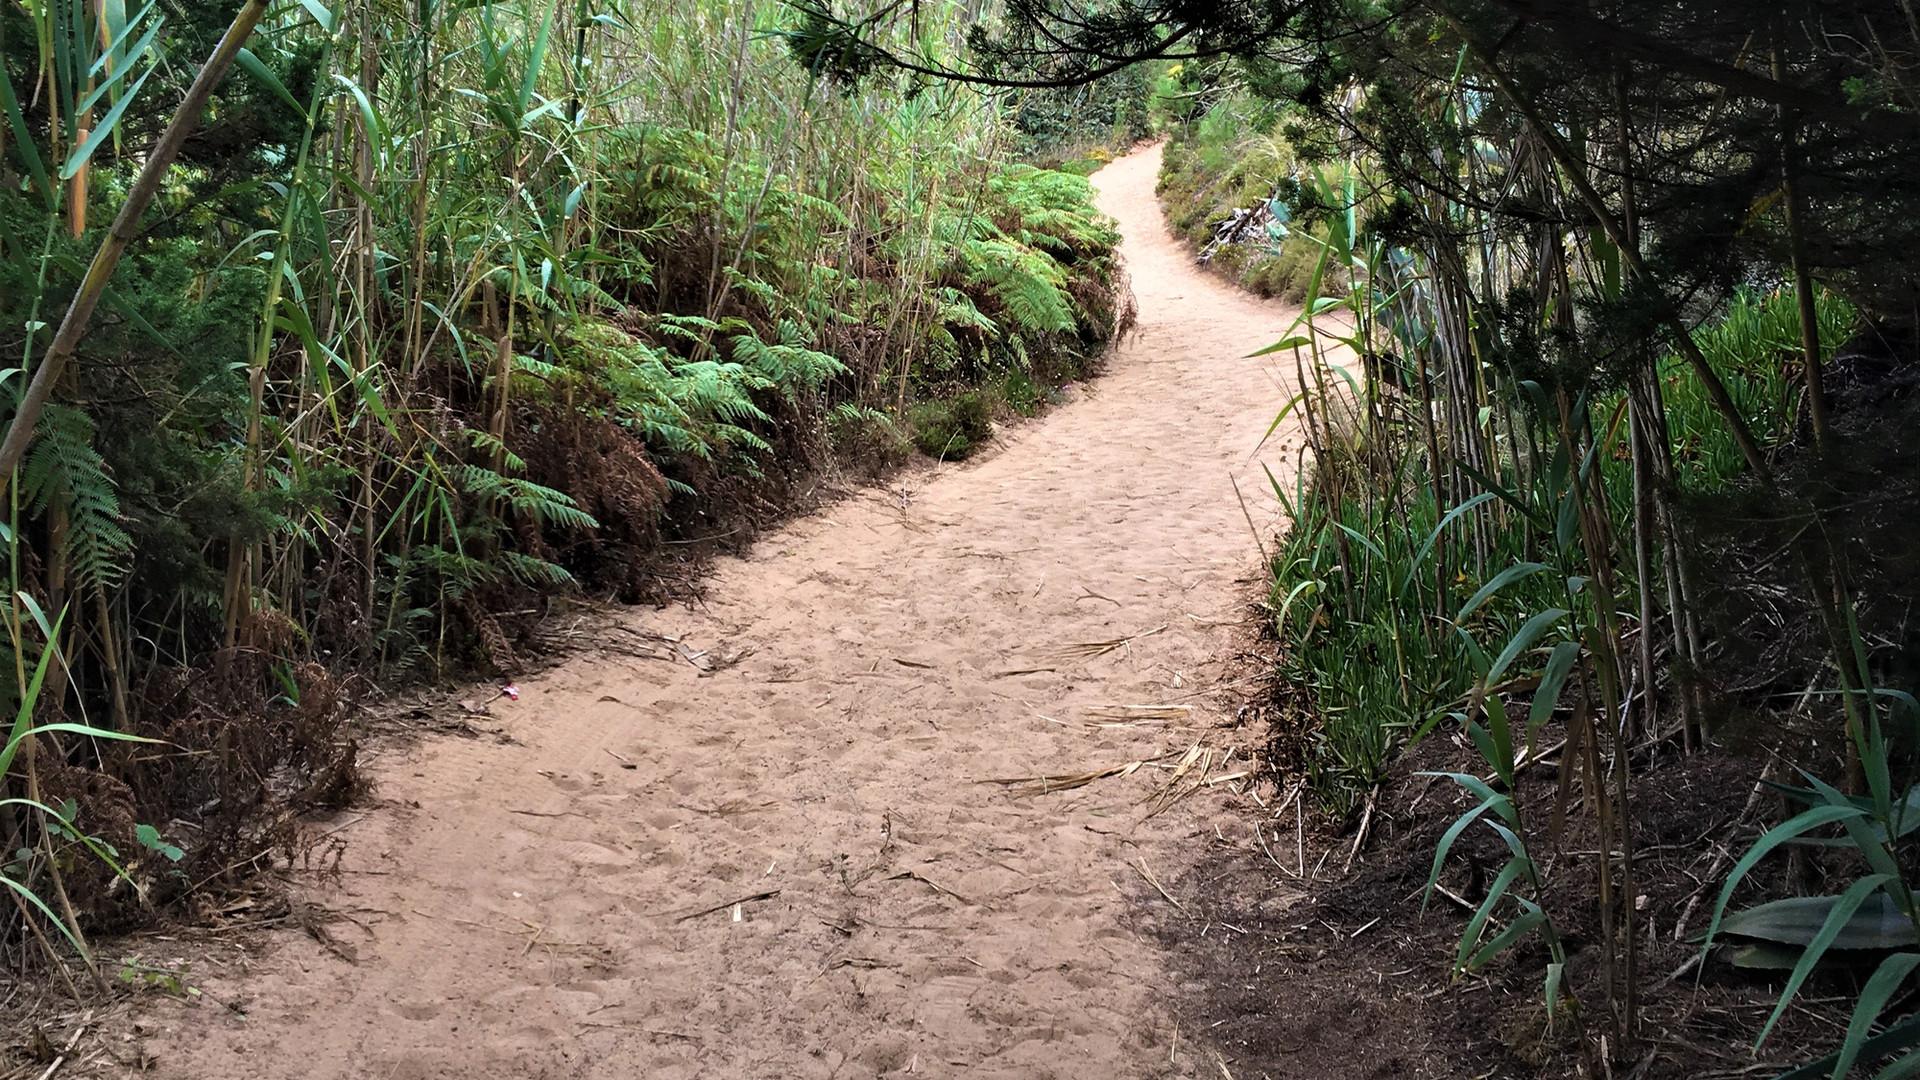 Casas do Carvalho Trails